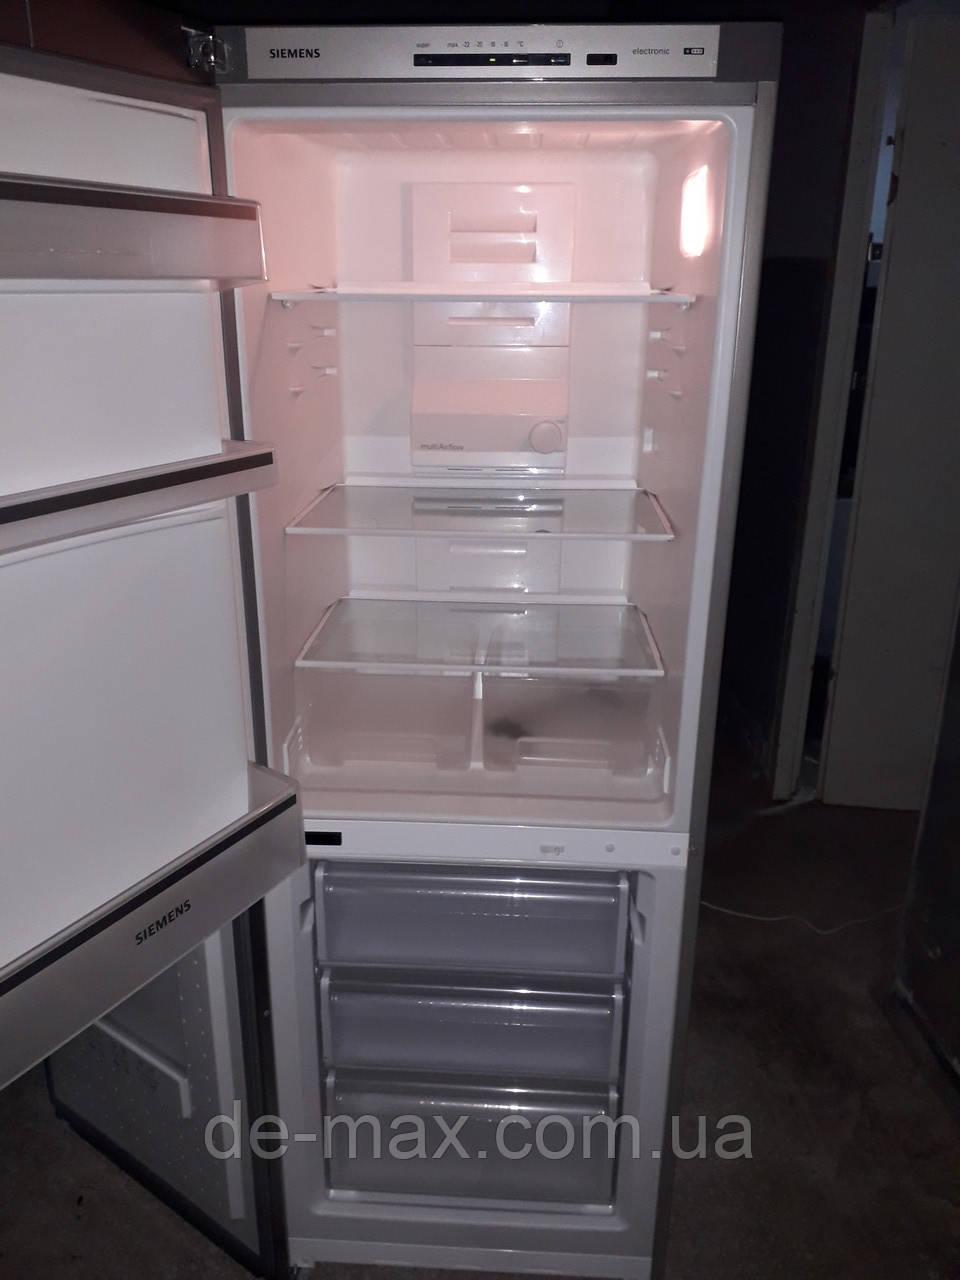 Холодильник Siemens KG33NX70 No Frost 170 см нержавеющая сталь